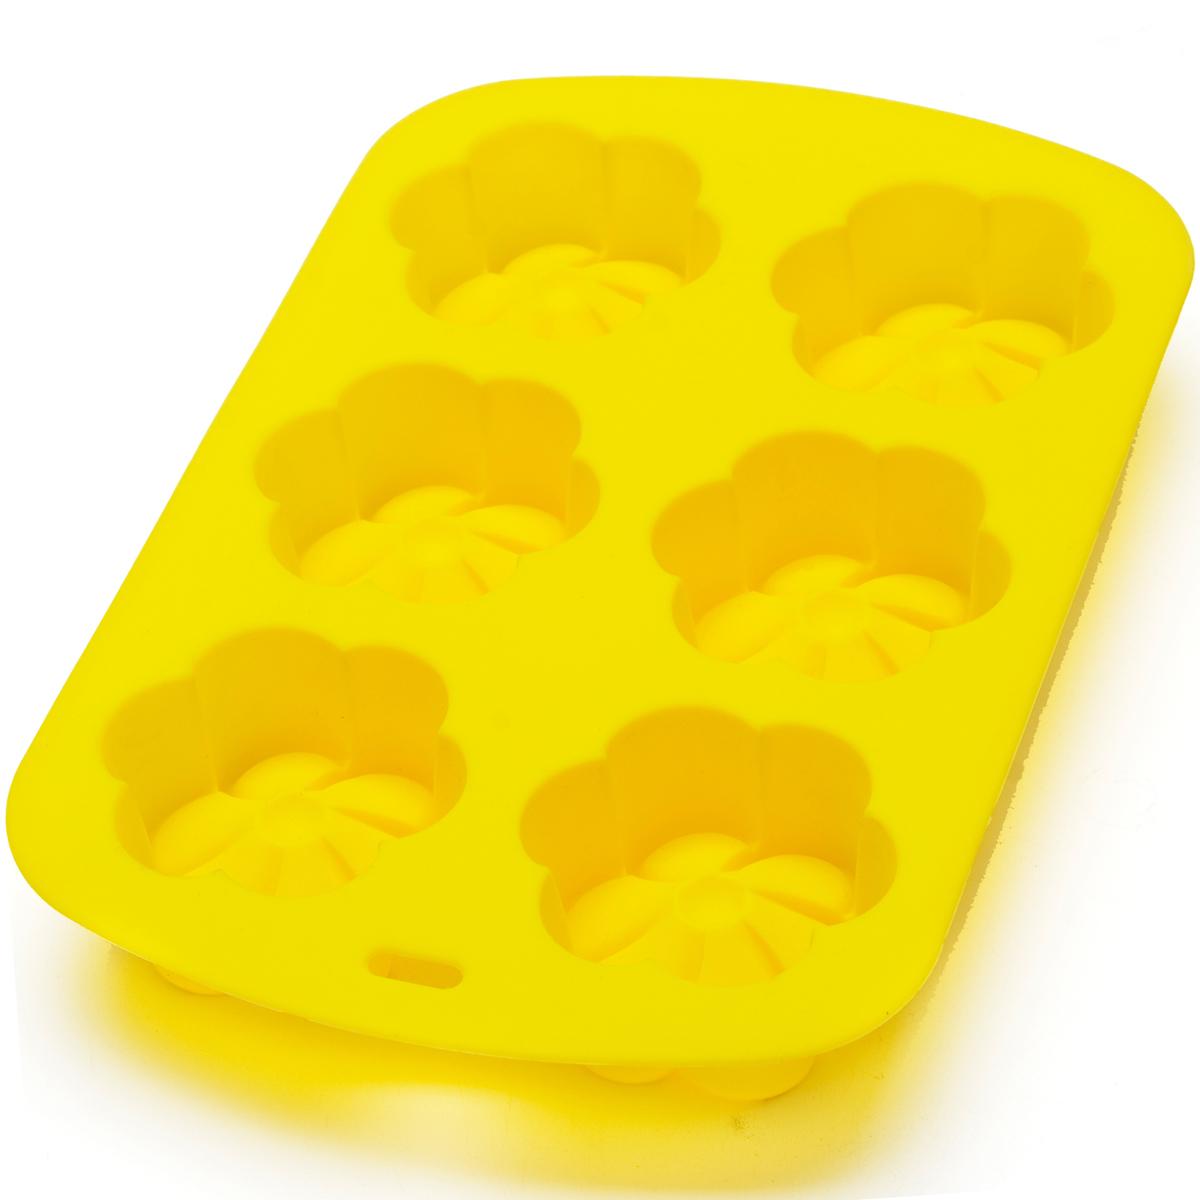 Форма для выпечки силиконовая Mayer & Boch, цвет: желтый, 450 мл. 28064-228064-2Фигурная форма для выпечки Mayer & Boch выполнена из 100% силикона. Предназначена для выпечки и заморозки. Силиконовые формы для выпечки имеют много преимуществ по сравнению с традиционными металлическими формами и противнями. Они идеально подходят для использования в микроволновых, газовых и электрических печах при температурах до +230°С. В случае заморозки до -40°С. За счет высокой теплопроводности силикона изделия выпекаются заметно быстрее. Благодаря гибкости и антиприлипающим свойствам силикона, готовое изделие легко извлекается из формы. Для этого достаточно отогнуть края и вывернуть форму (выпечке дайте немного остыть, а замороженный продукт лучше вынимать сразу). Силикон абсолютно безвреден для здоровья, не впитывает запахи, не оставляет пятен, легко моется. С такой формой вы всегда сможете порадовать своих близких оригинальной выпечкой.